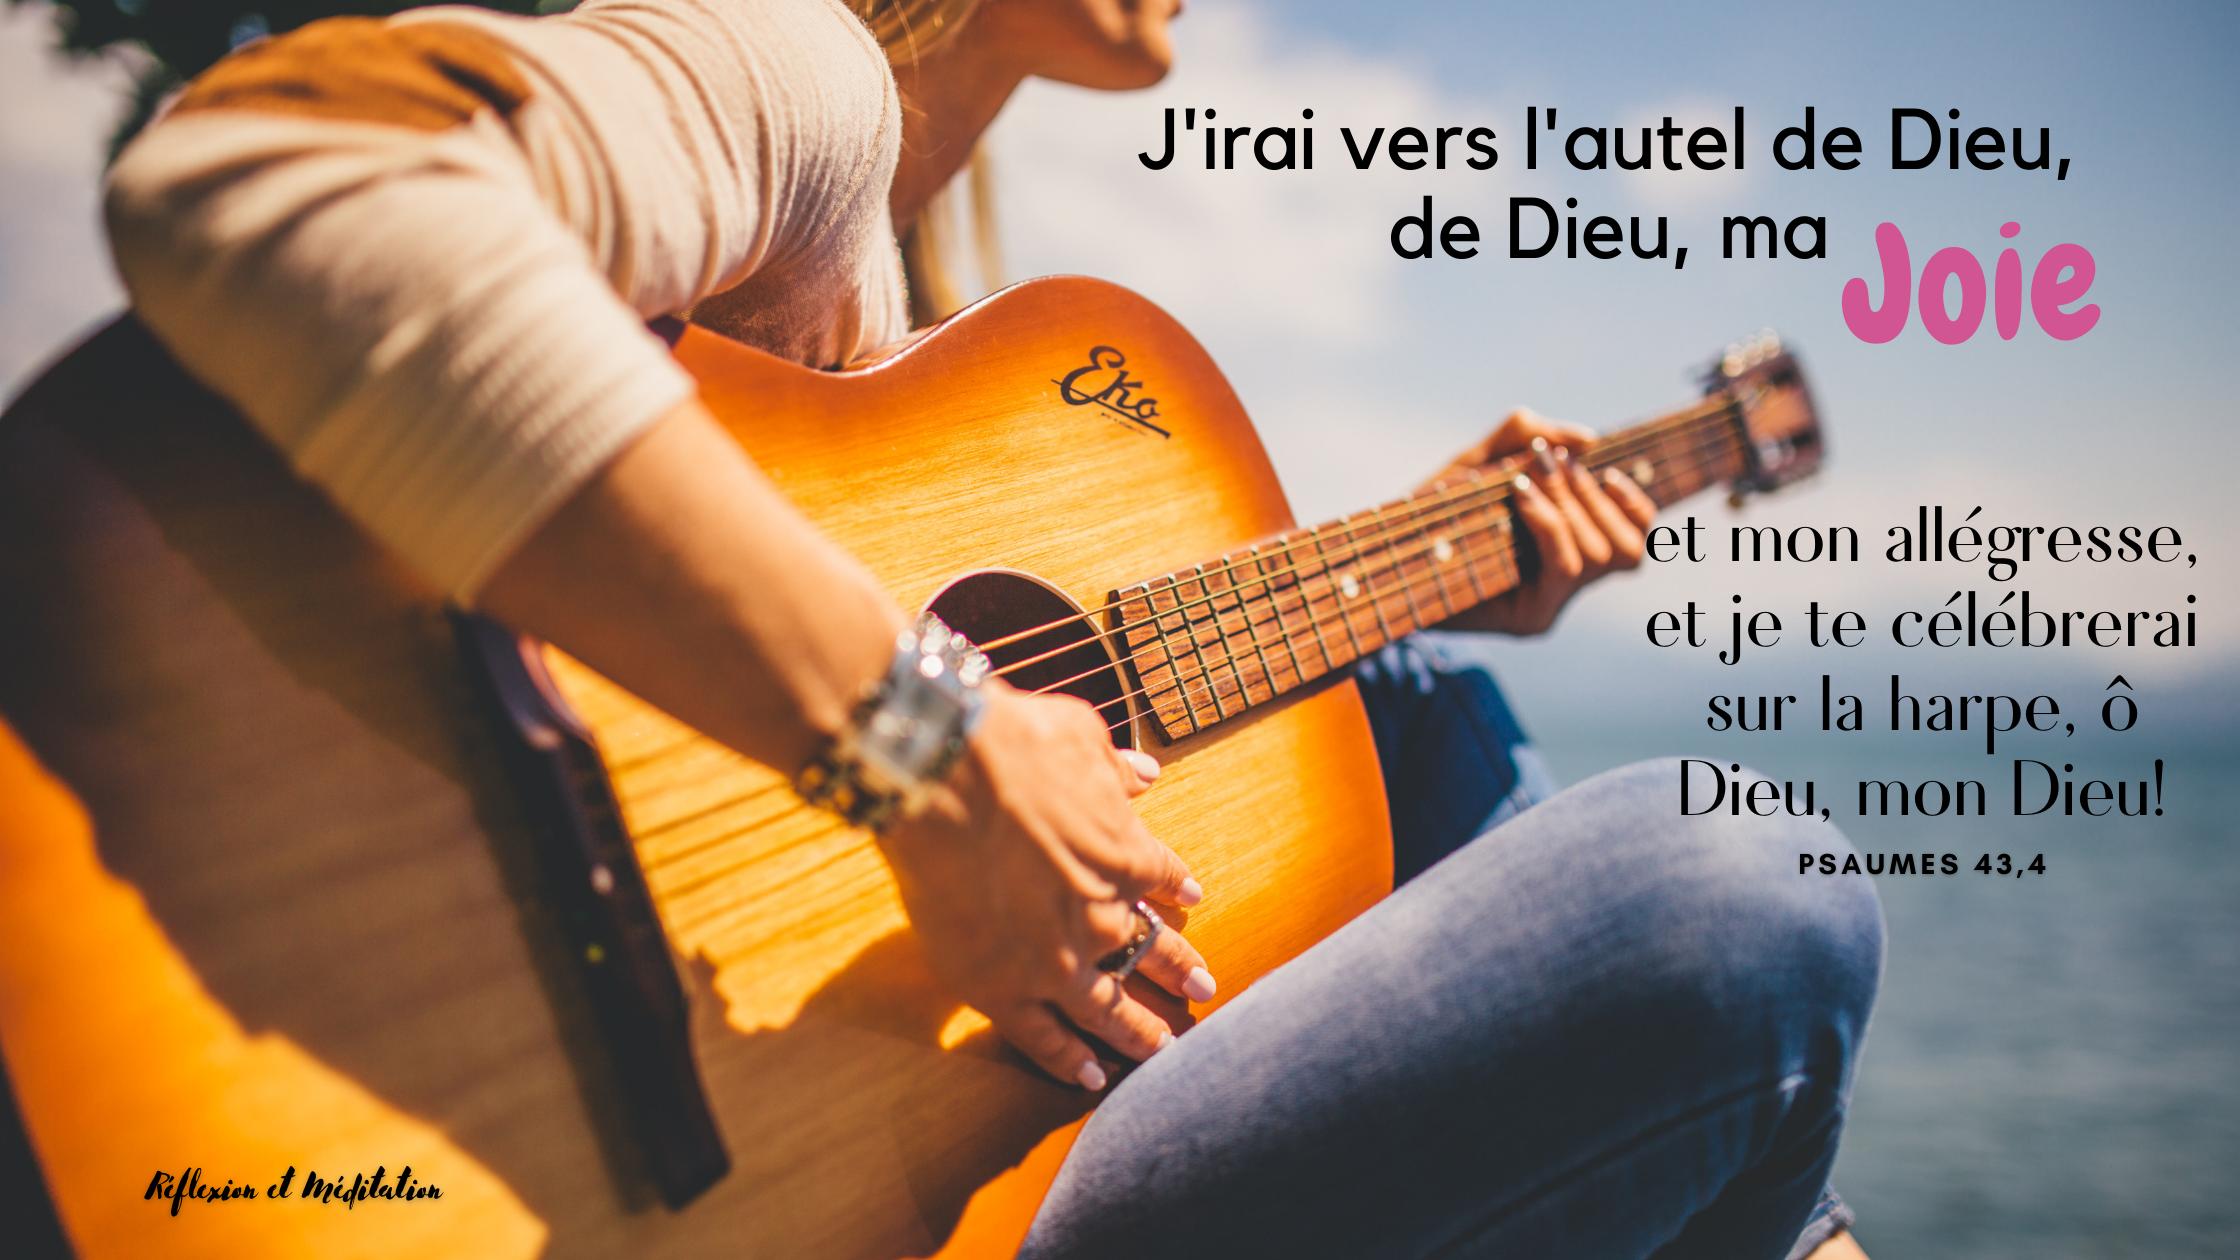 J'irai vers l'autel de Dieu, de Dieu, ma joie et mon allégresse, et je te célébrerai sur la harpe, ô Dieu, mon Dieu! Psaumes 43,4